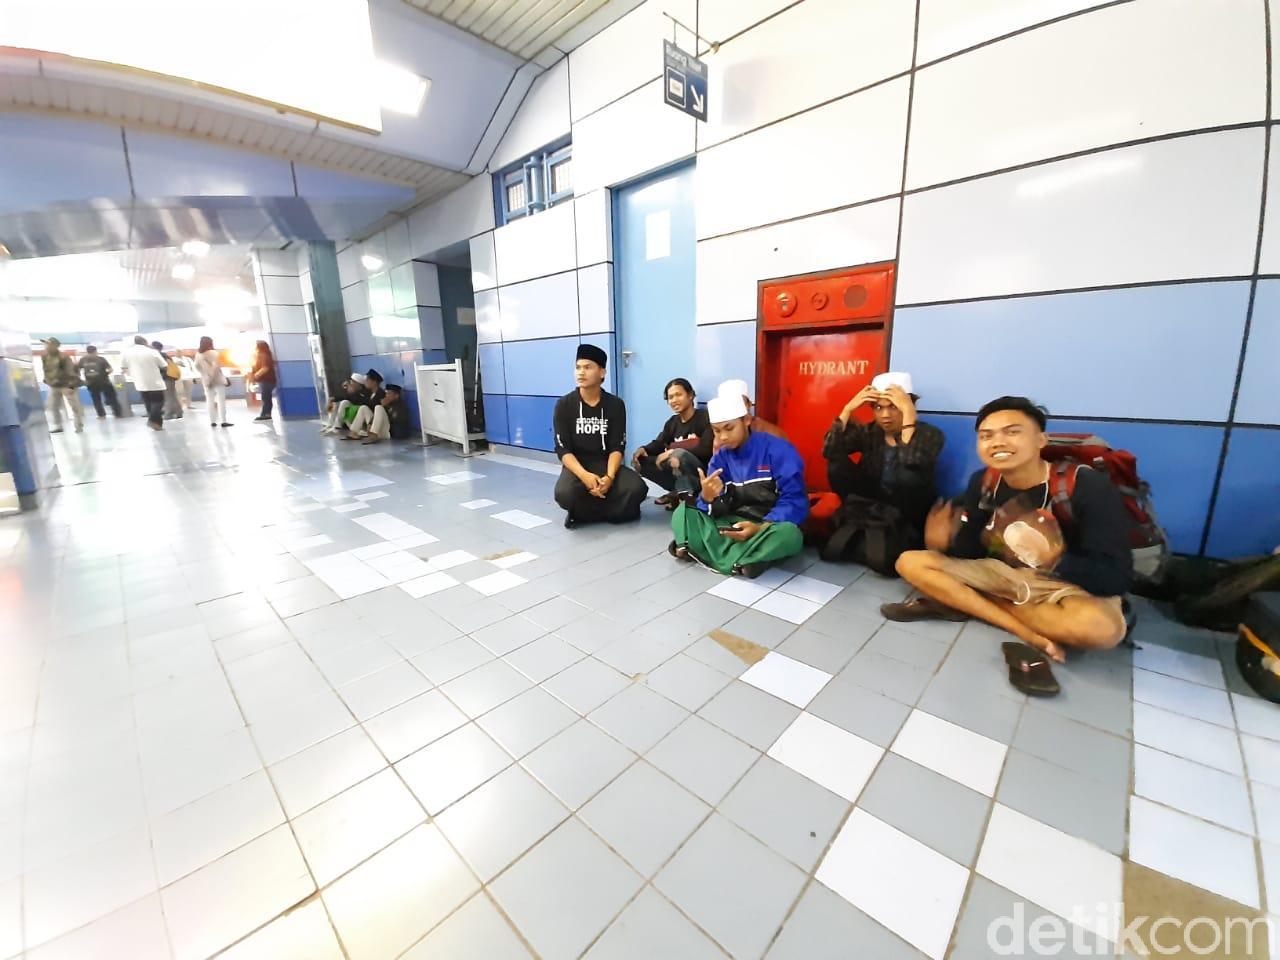 Malam Ini, Massa Reuni 212 Mulai Berdatangan via Stasiun Juanda